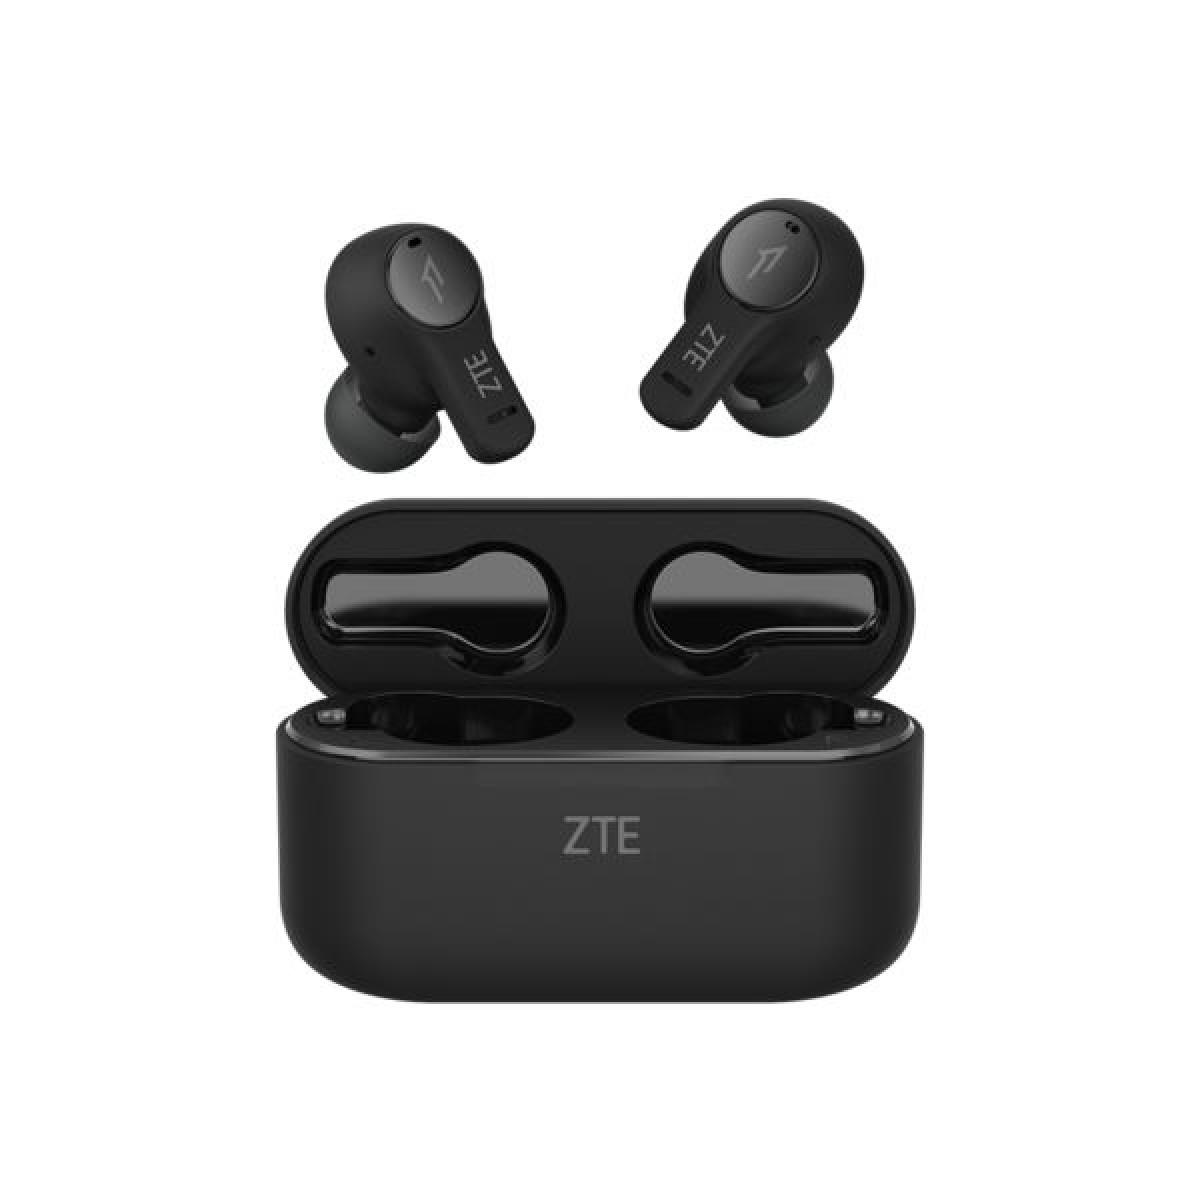 ZTE Axon 20 5G, premier téléphone avec caméra sous-écran, maintenant en vente